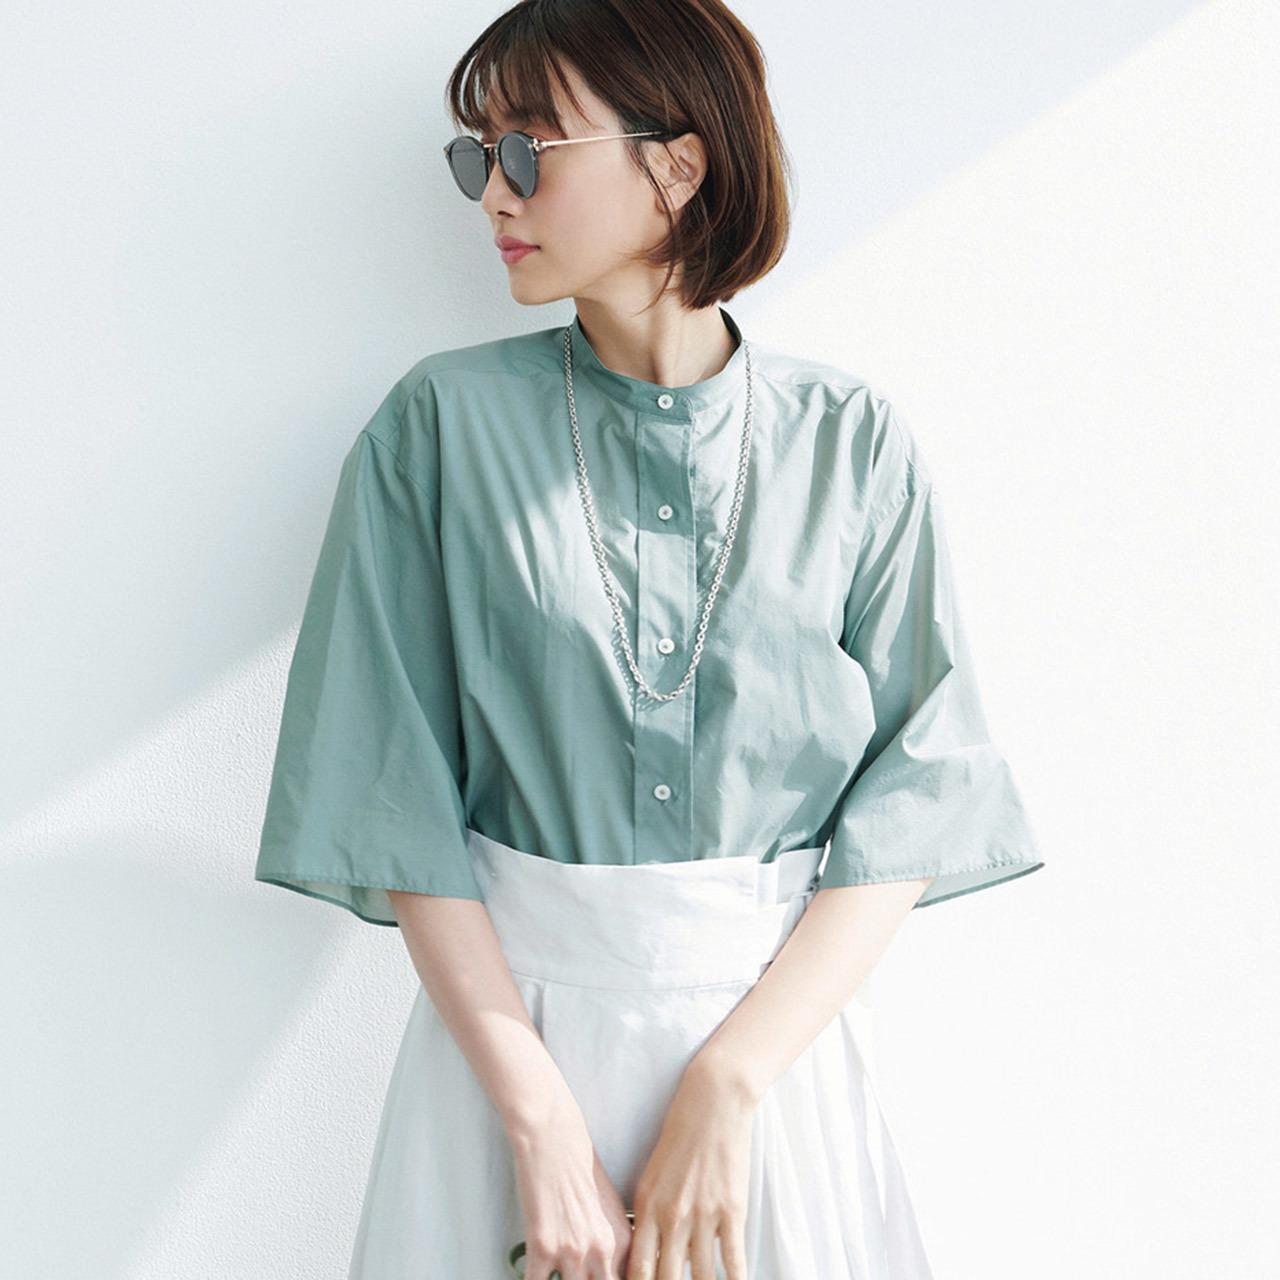 ミントカラーのシャツ×スカートコーデ